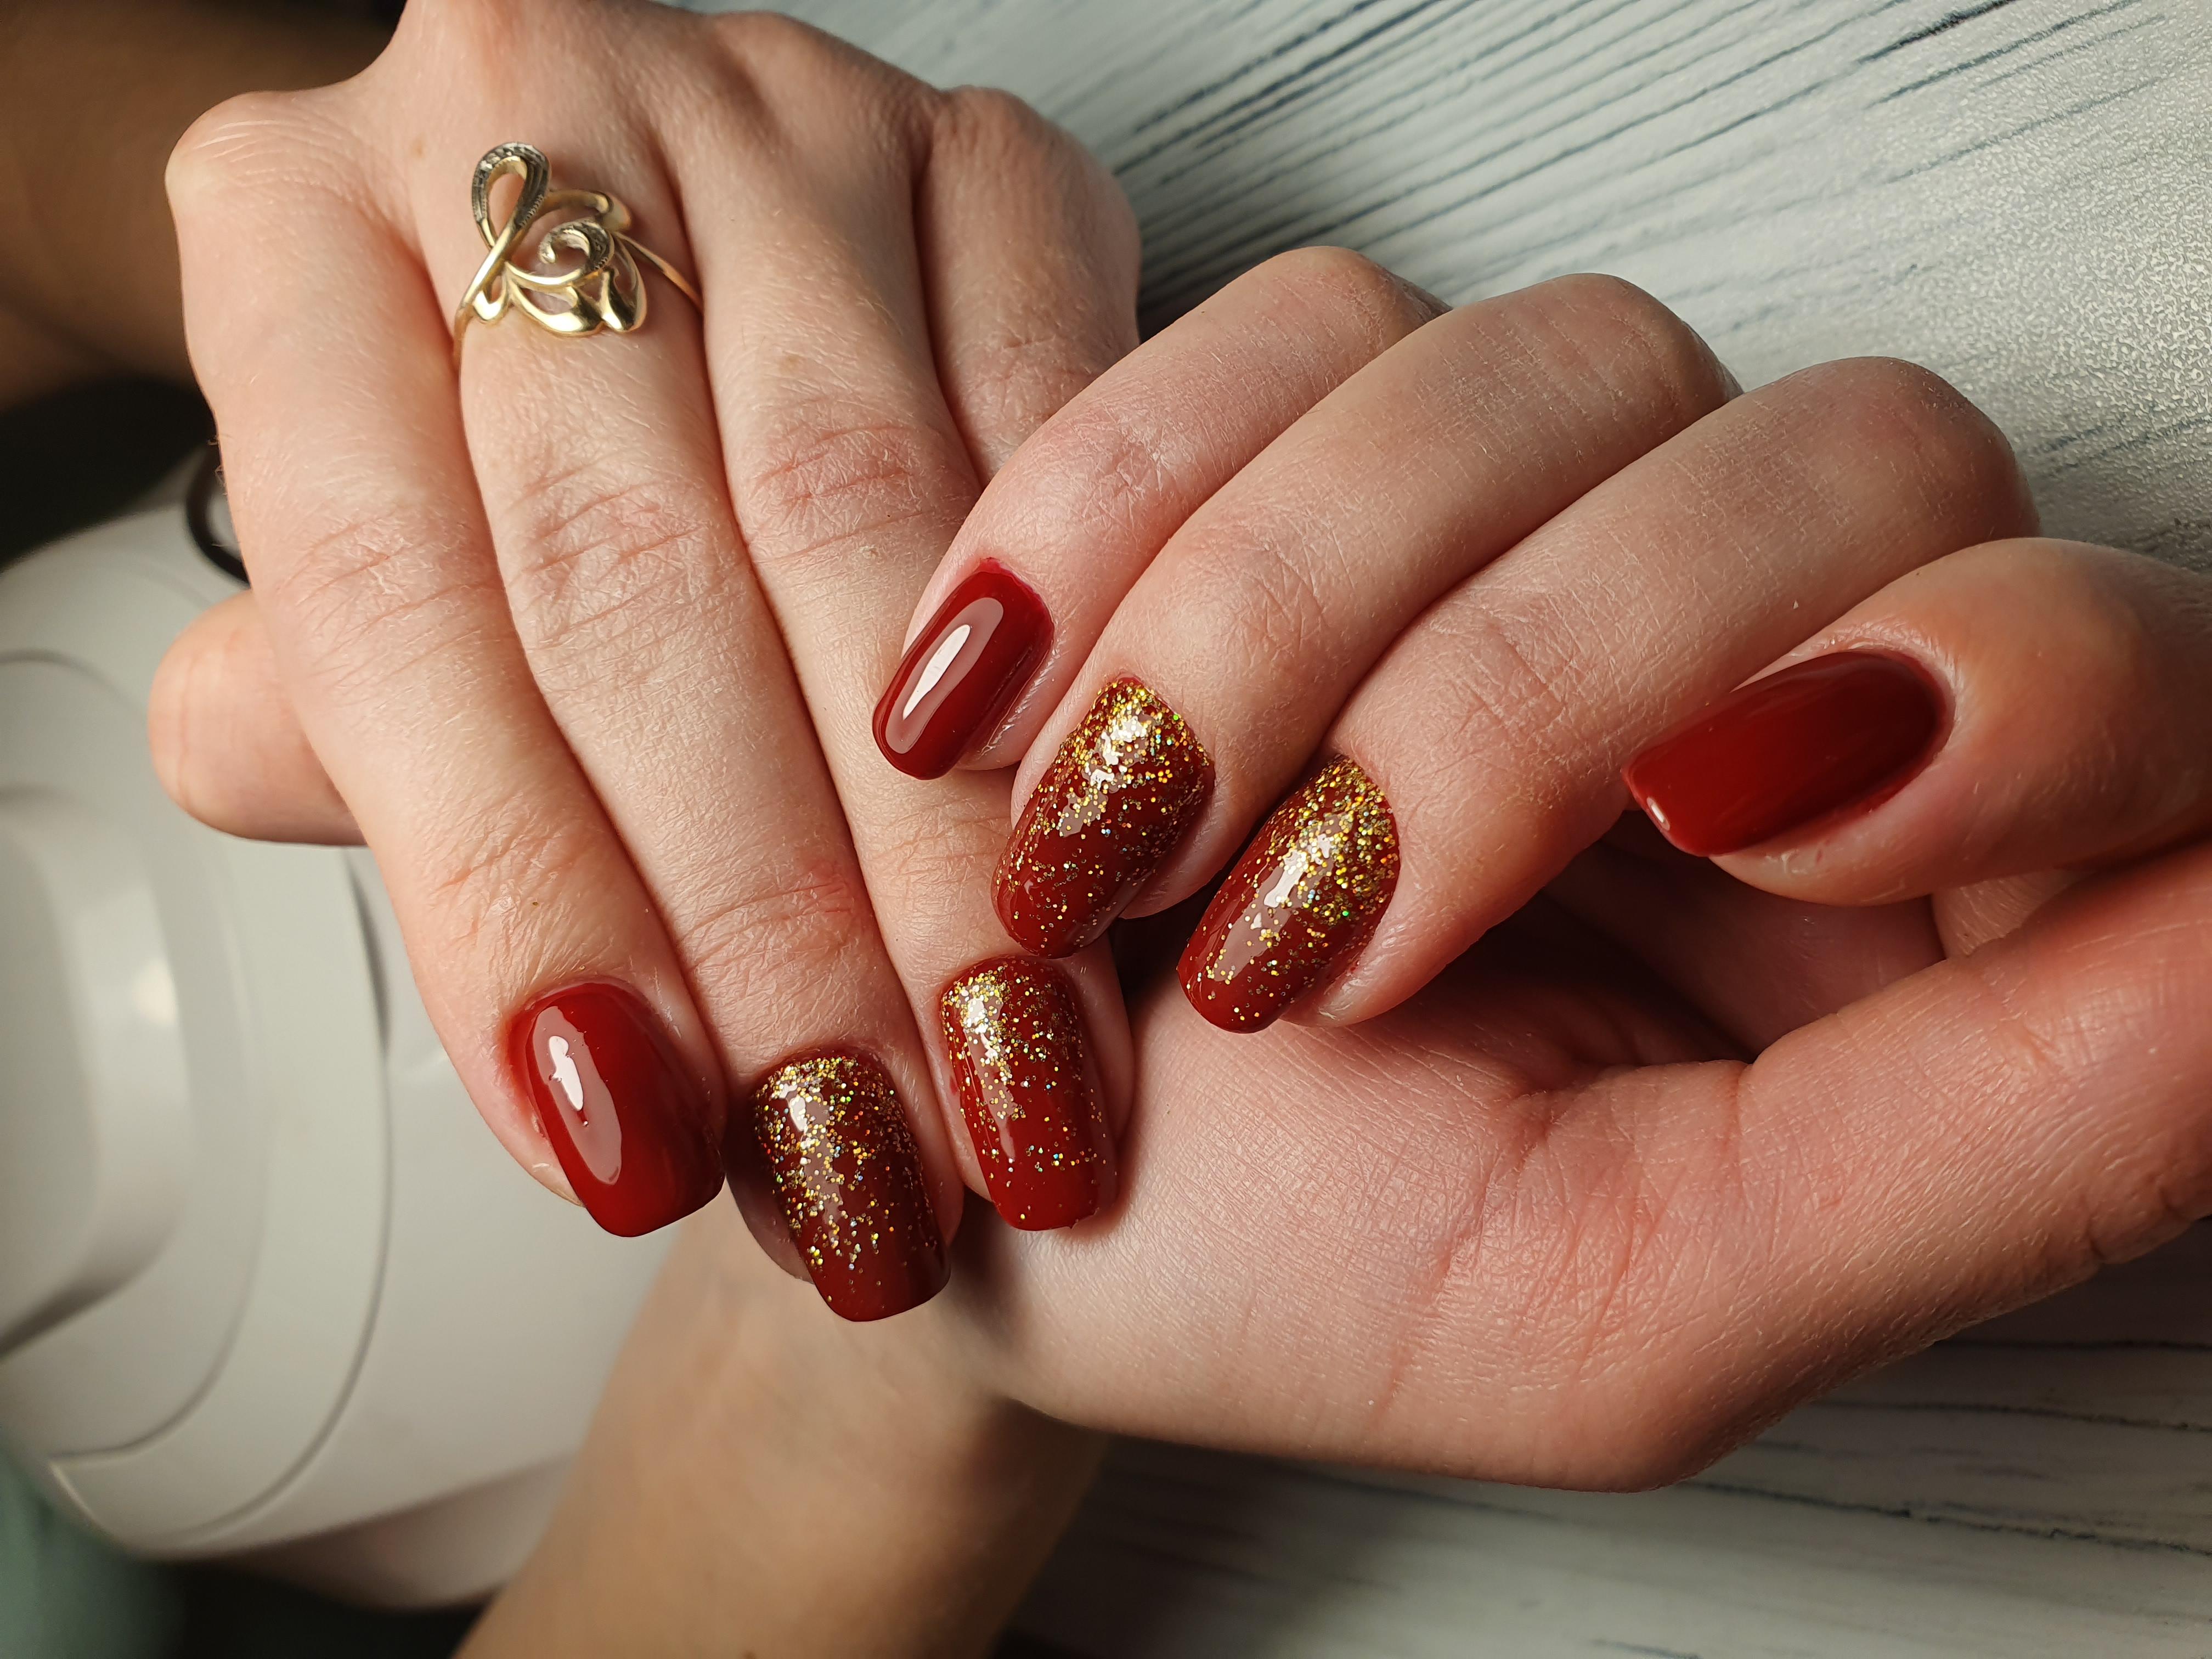 Однотонный маникюр в тёмно-красном цвете с золотыми блёстками.